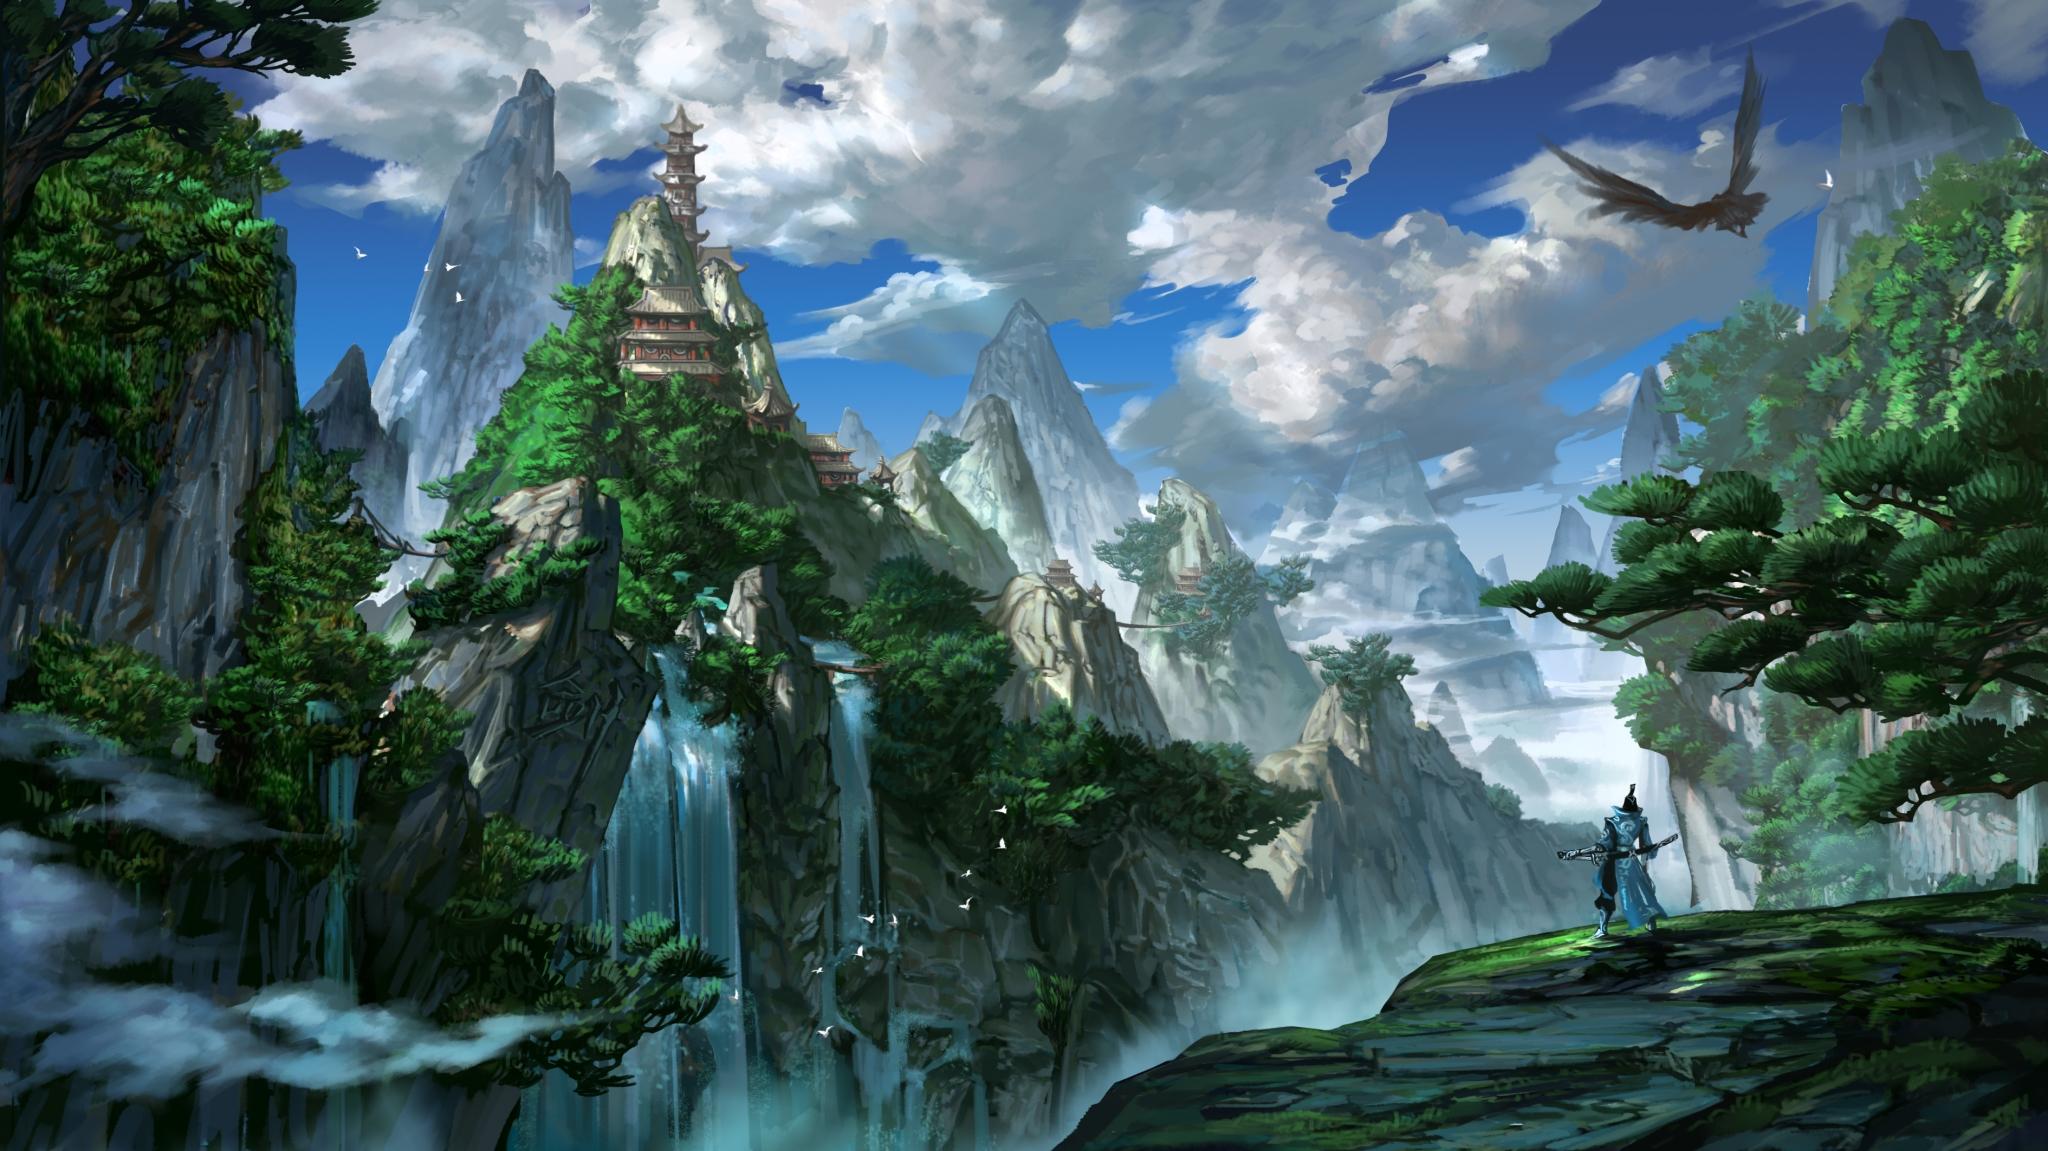 壁纸 风景 旅游 瀑布 山水 桌面 2048_1151图片